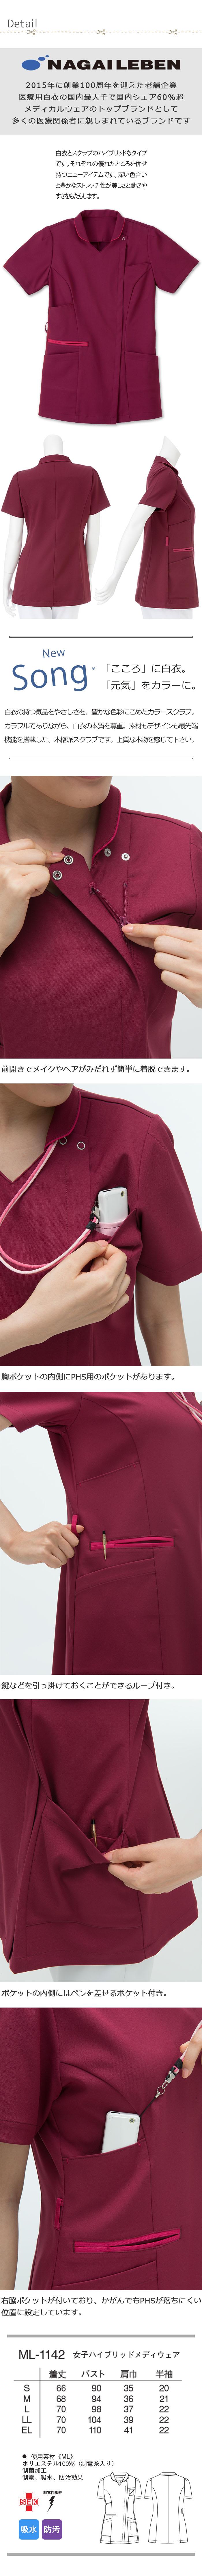 【歯科・医療ユニフォーム】Vネック&襟付きの新しいデザイン 美シルエットチュニック【5色】